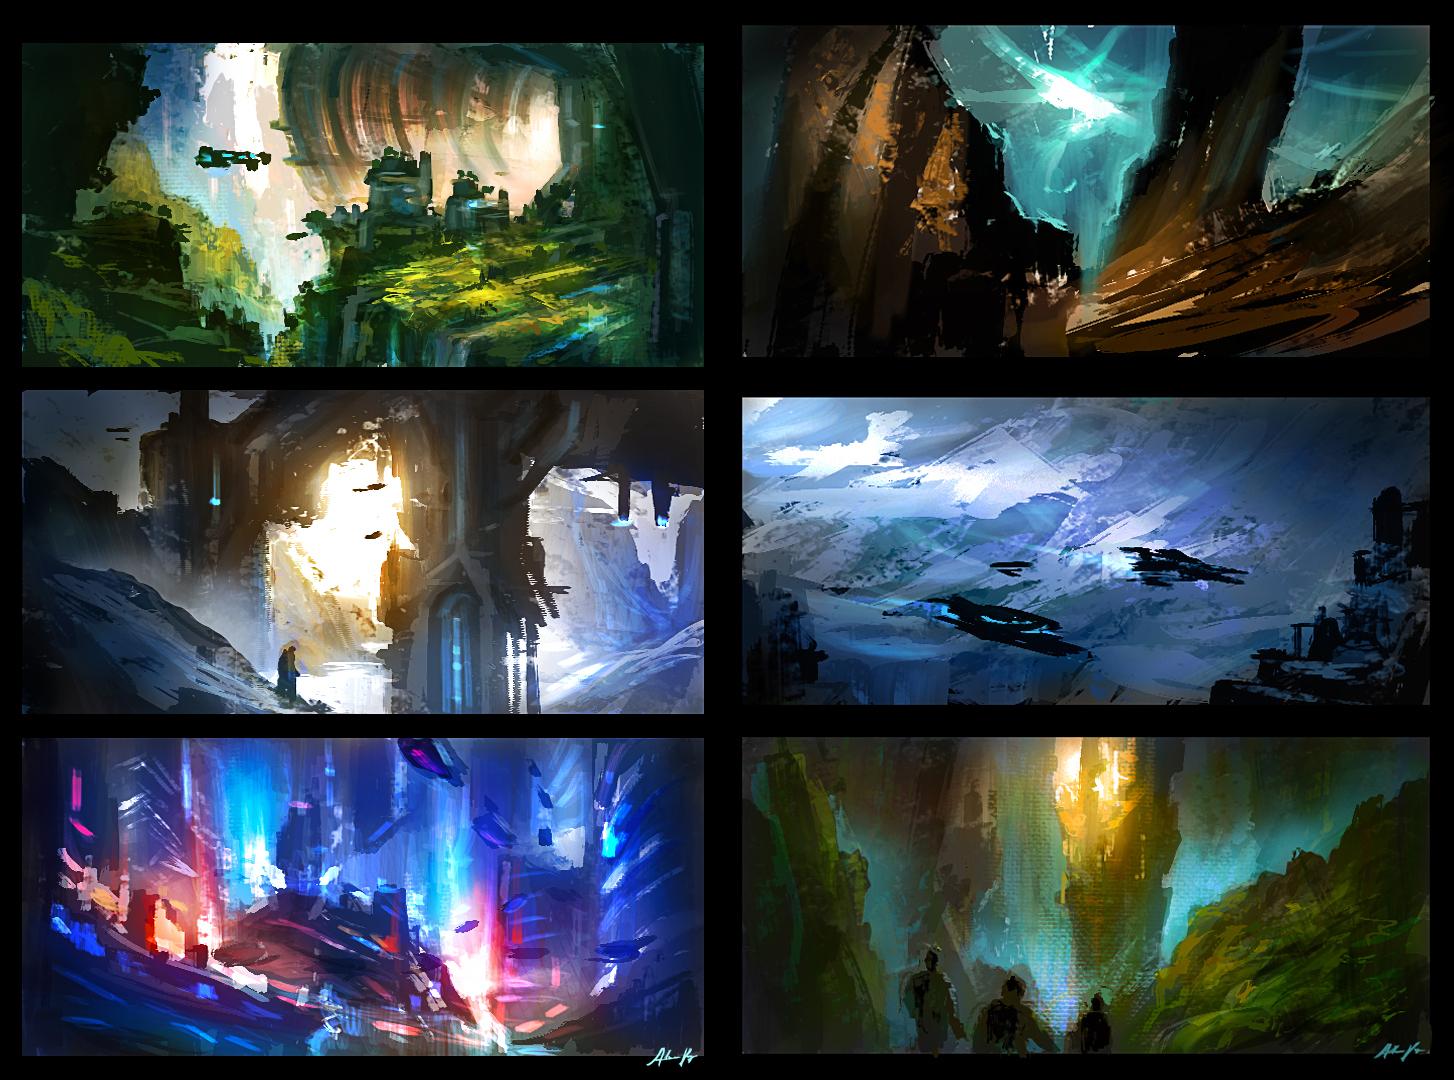 scifi studies_combined_varga.jpg